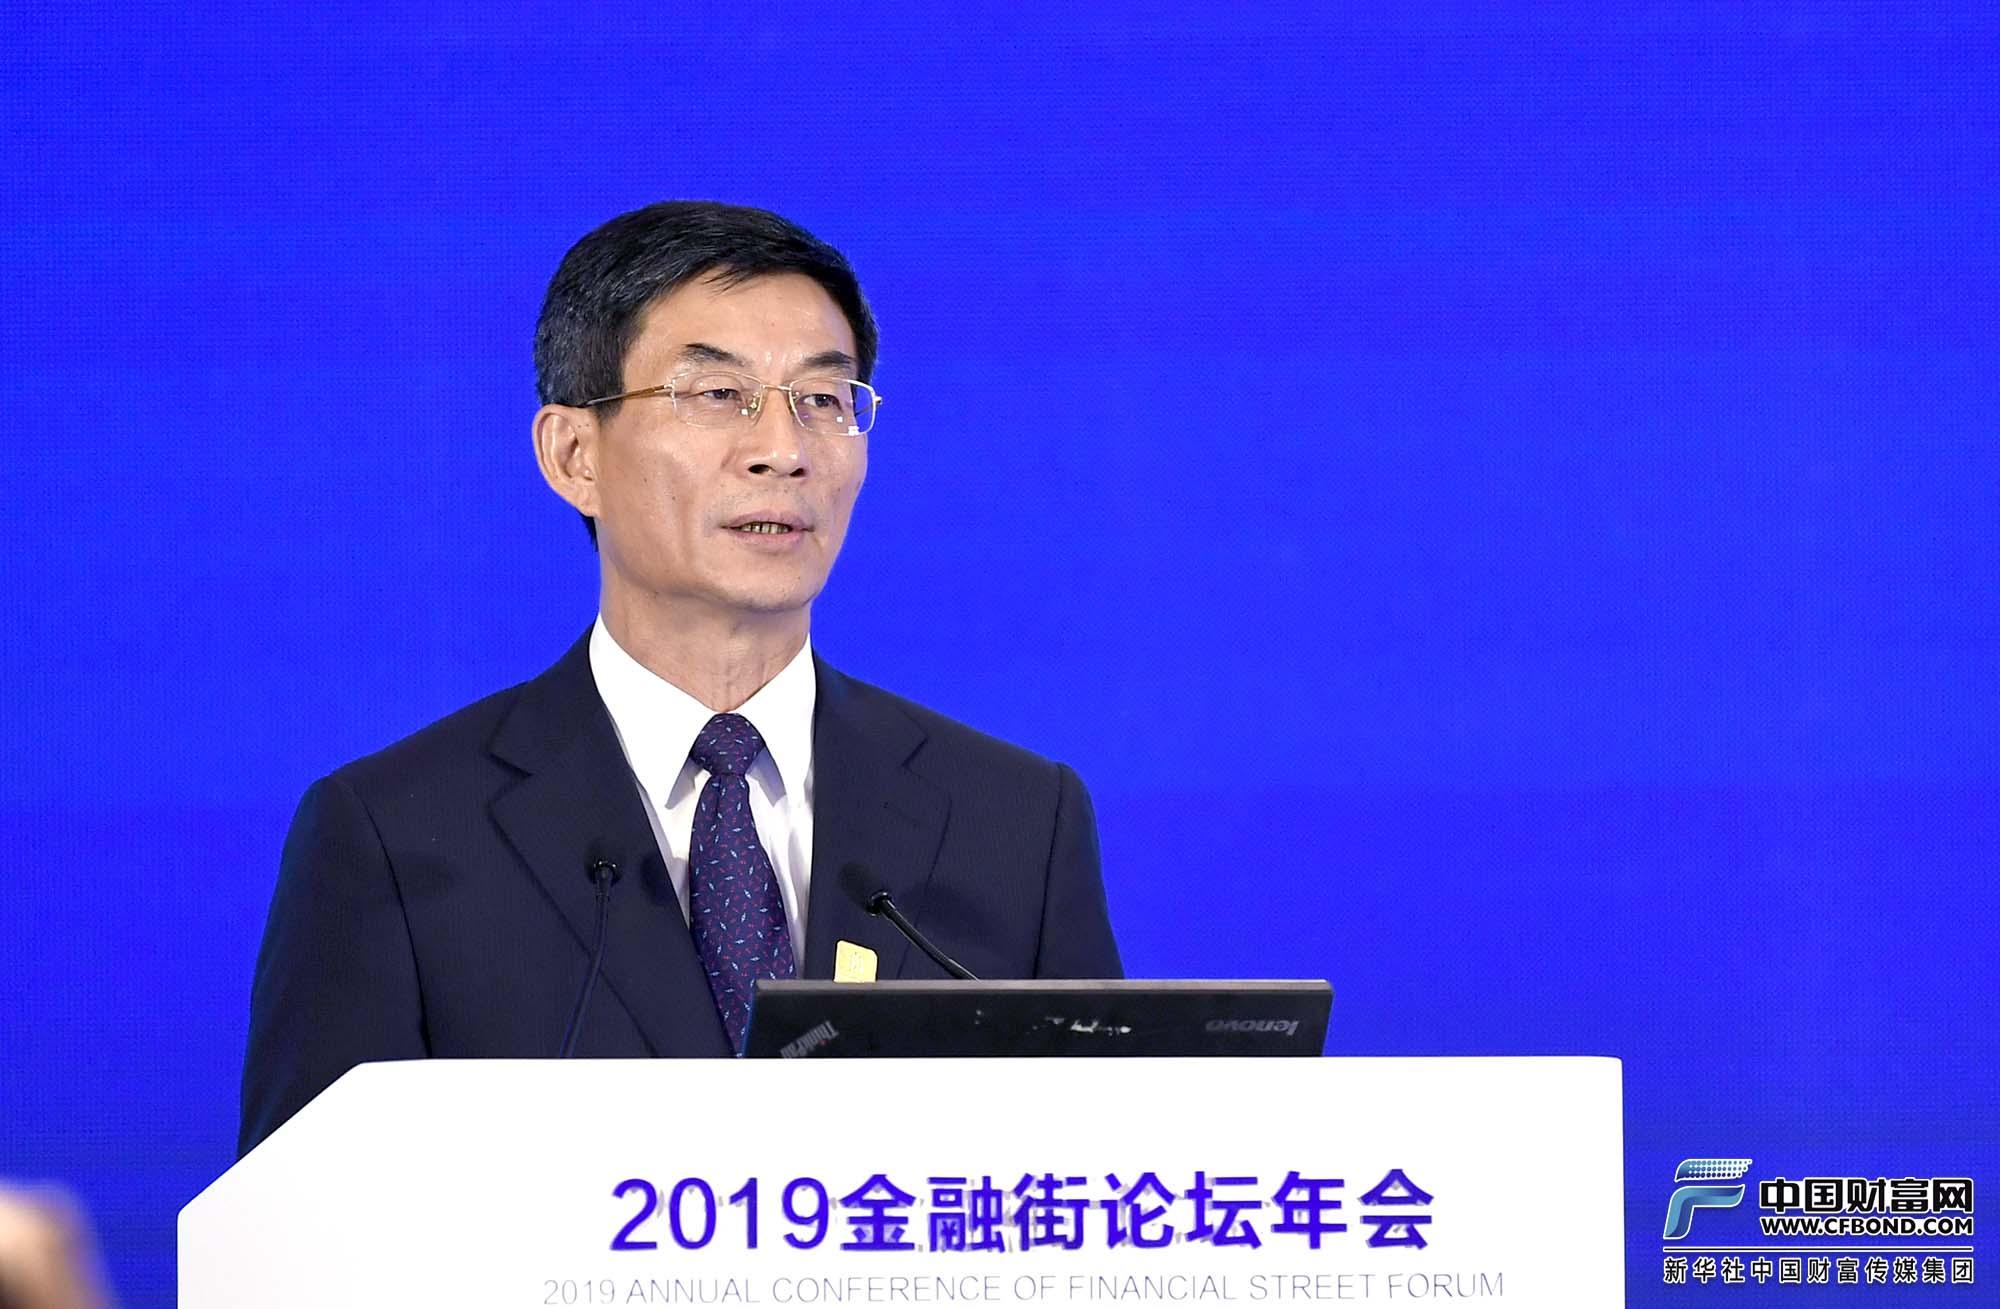 发言嘉宾:新华社副社长刘正荣